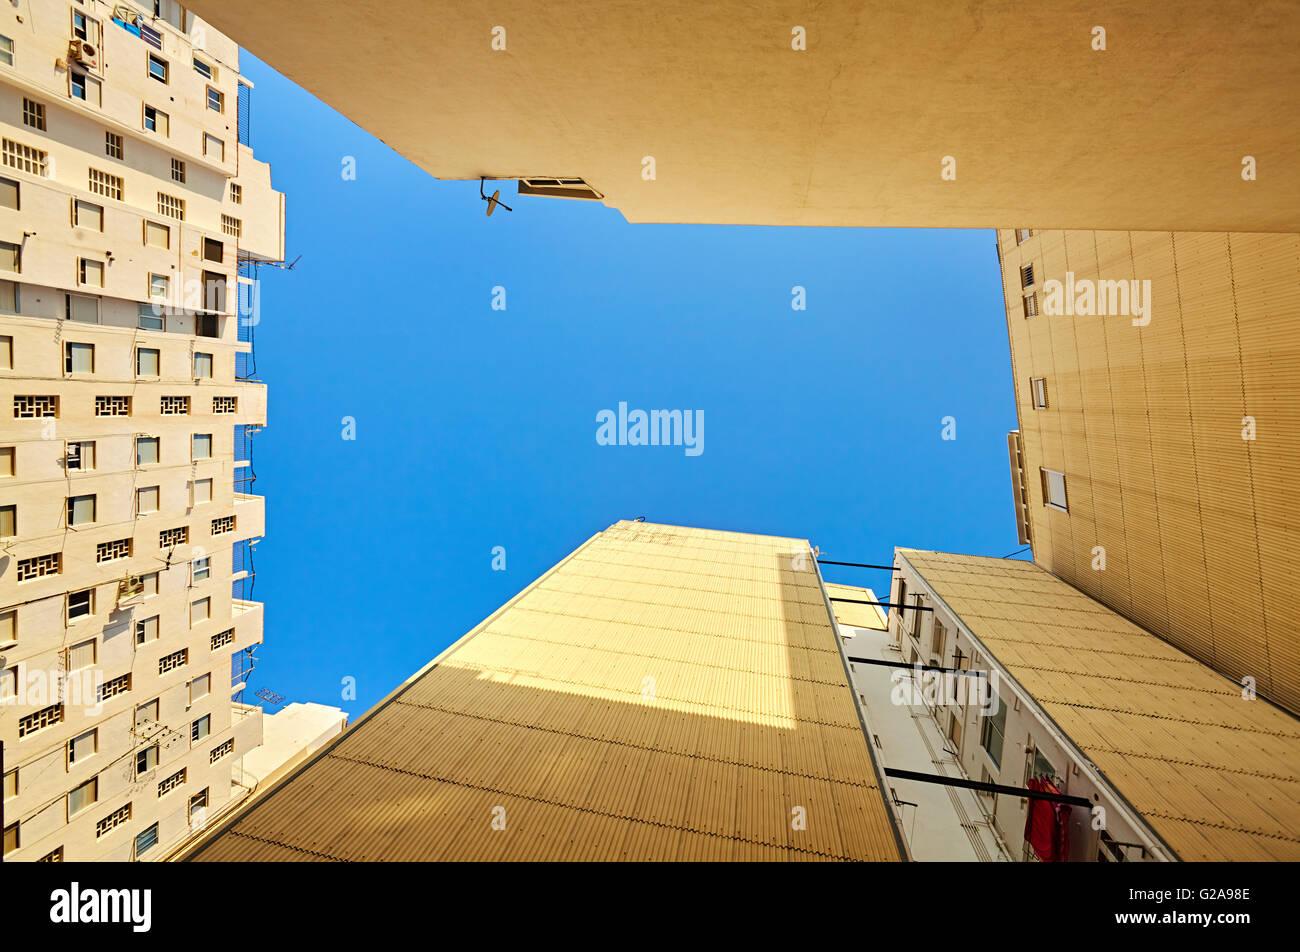 Basso angolo vista di edifici di appartamenti. Denia. Alicante. Spagna. Immagini Stock